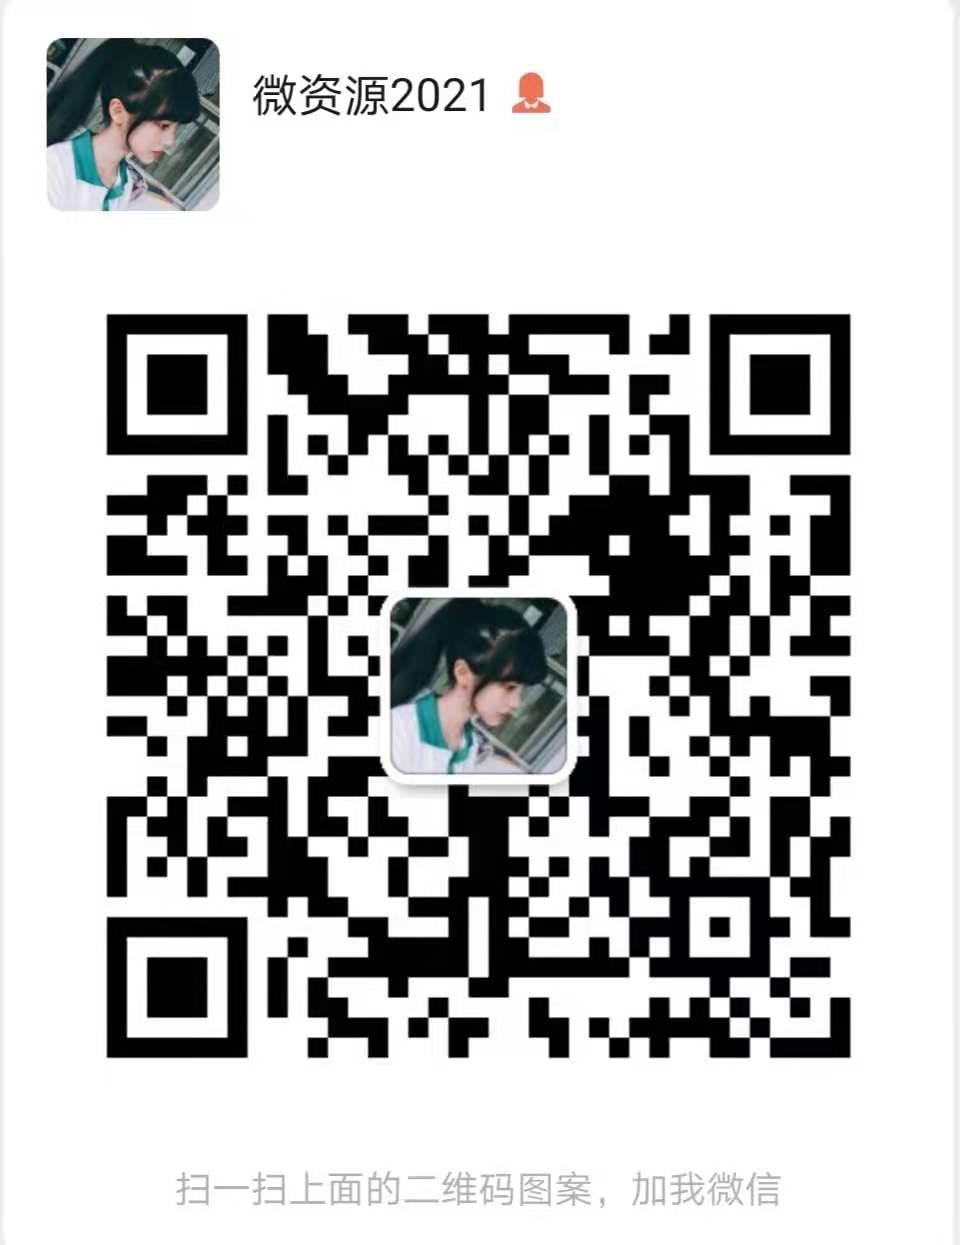 微信图片_20210620181439.jpg